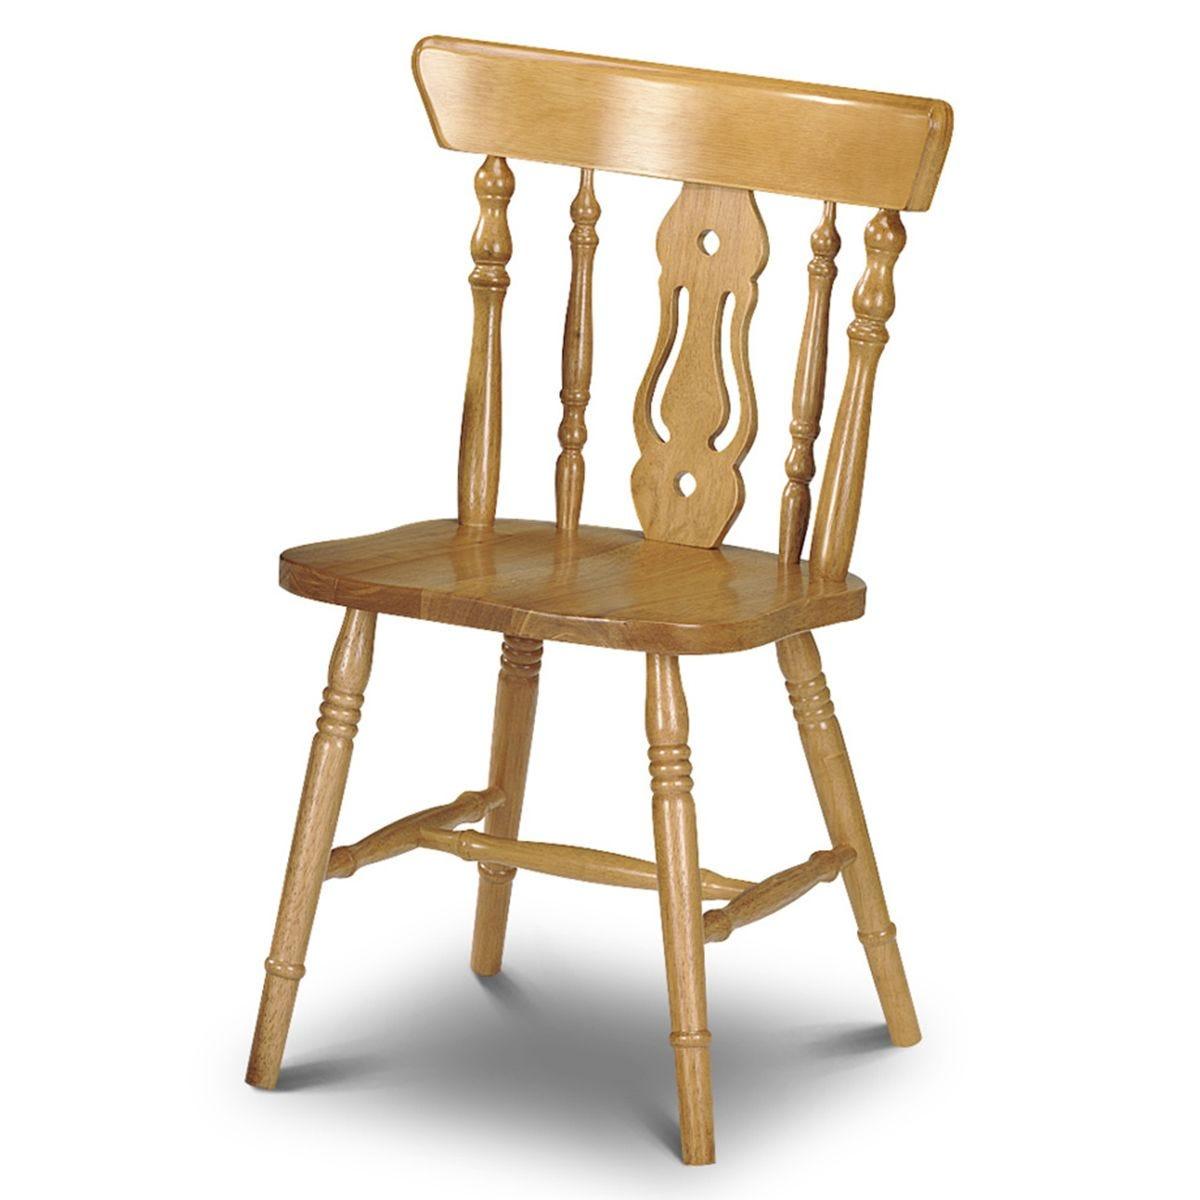 Julian Bowen Yorkshire Fiddleback Chairs - 4pk